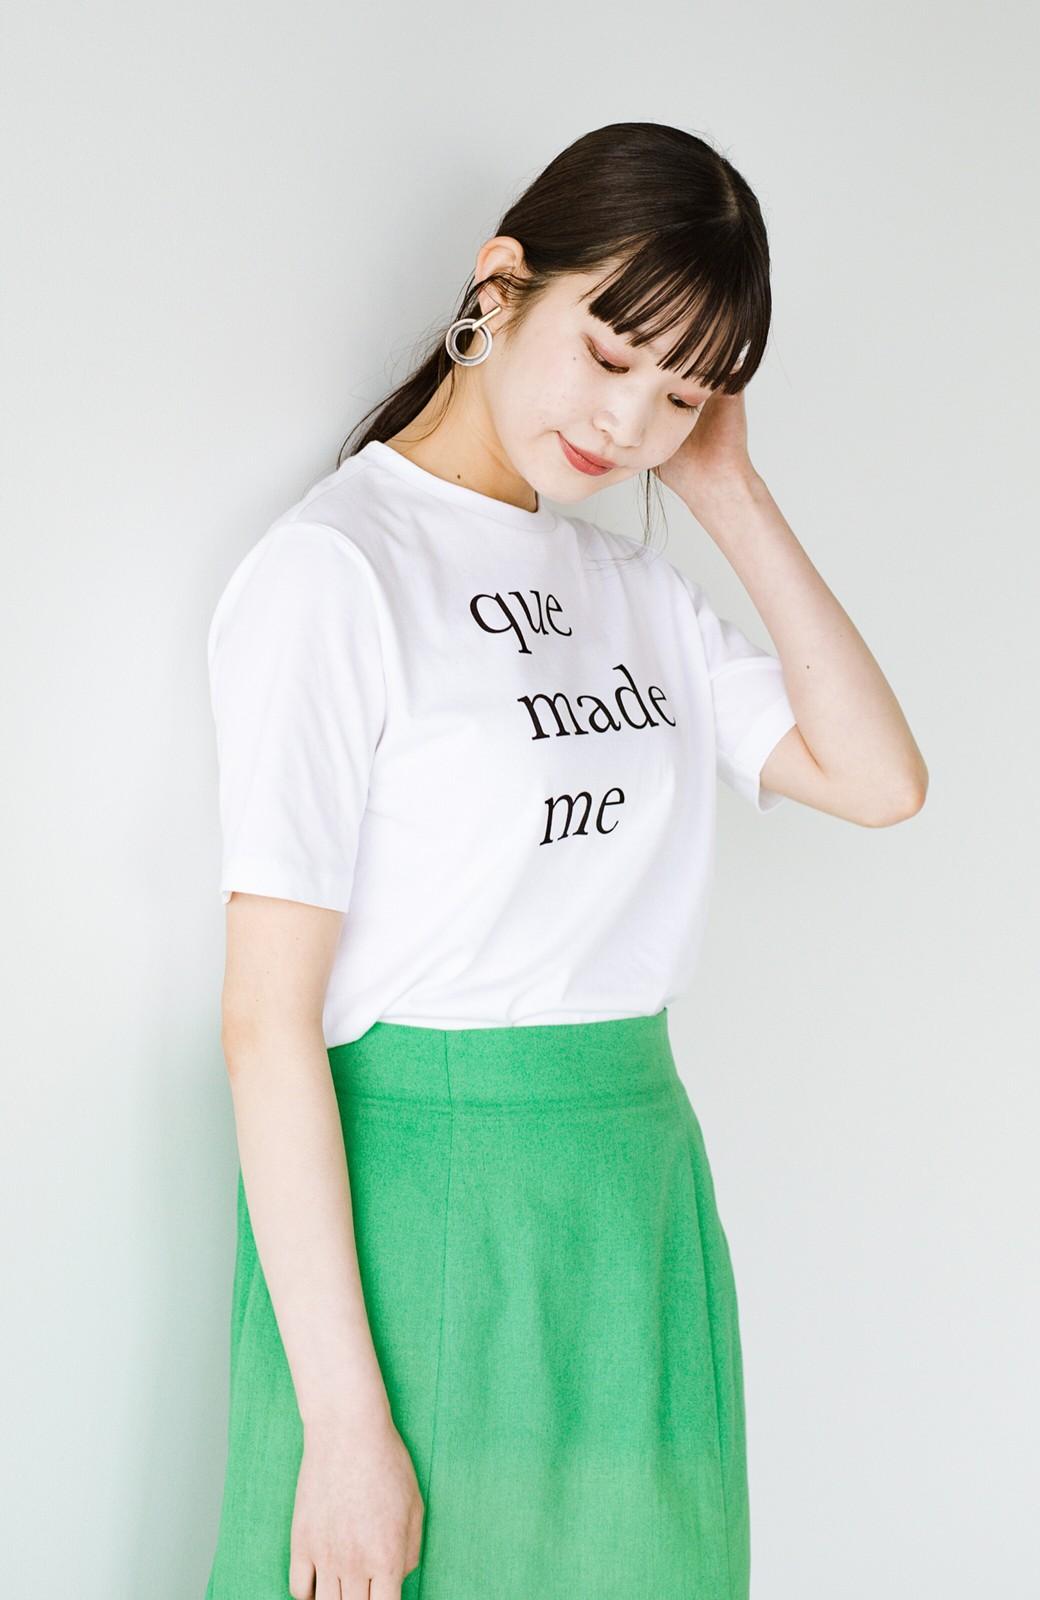 haco! 時間のない朝にもパッと出かけられる!元気が出るきれい色スカートにちょうどいいロゴTシャツを合わせておいた作り置きコーデセット by que made me <その他>の商品写真4